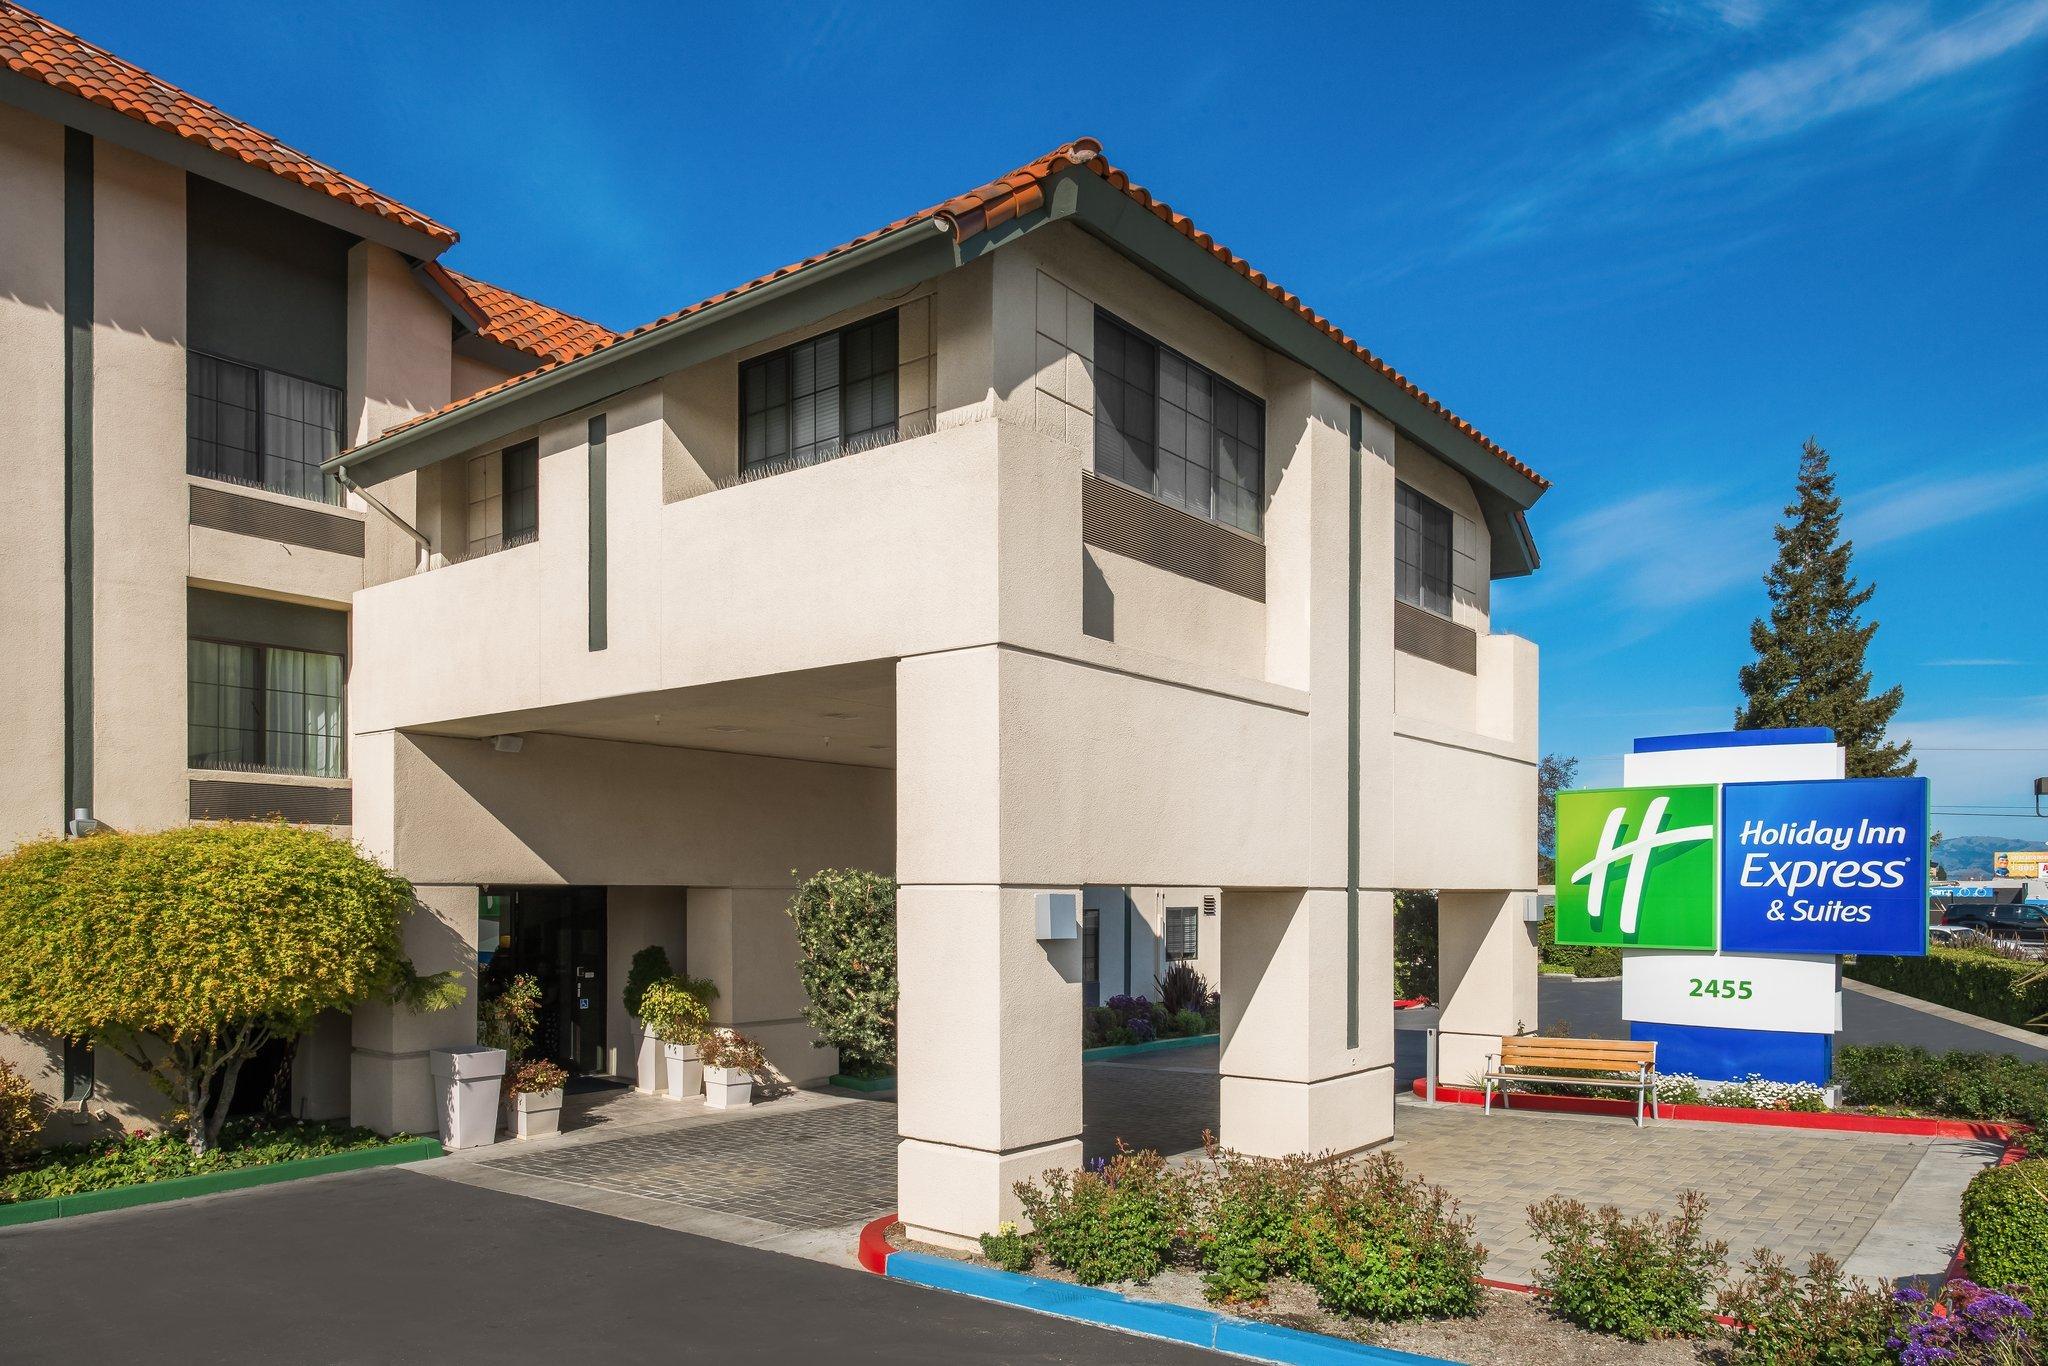 홀리데이 인 익스프레스 호텔 앤드 스위트 산타클라라-실리콘 밸리